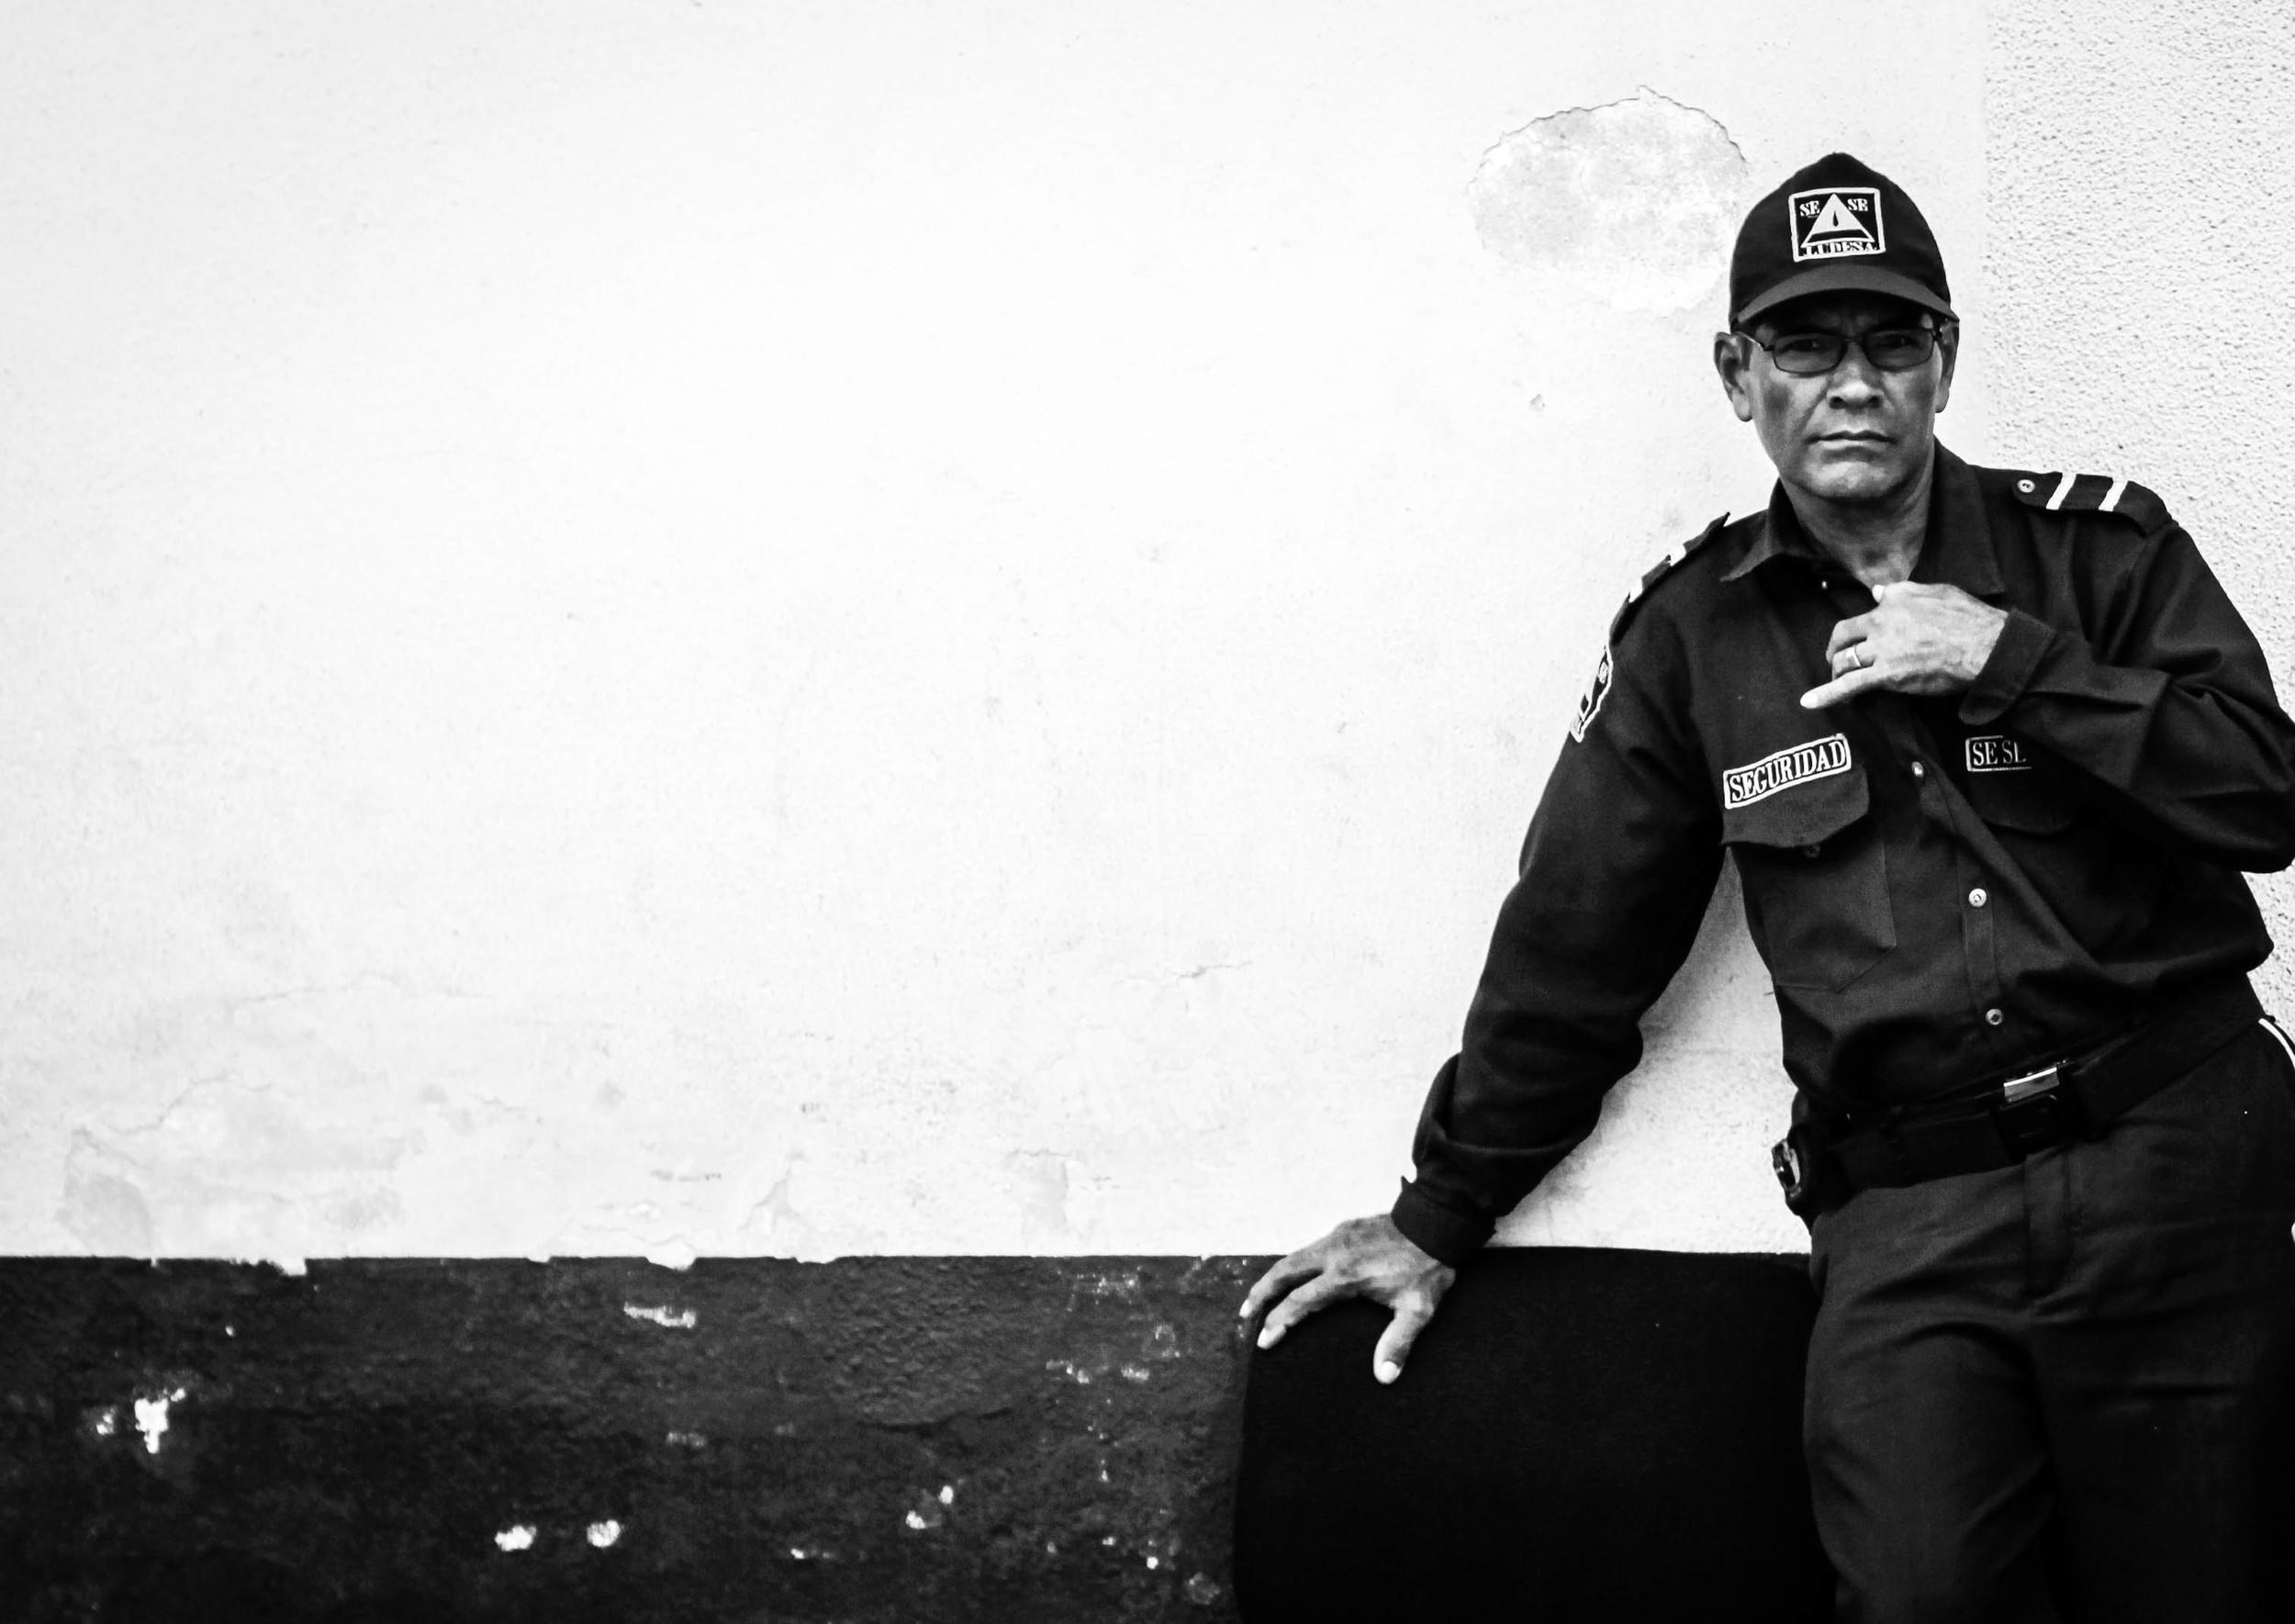 security-guard-leon-nicaragua